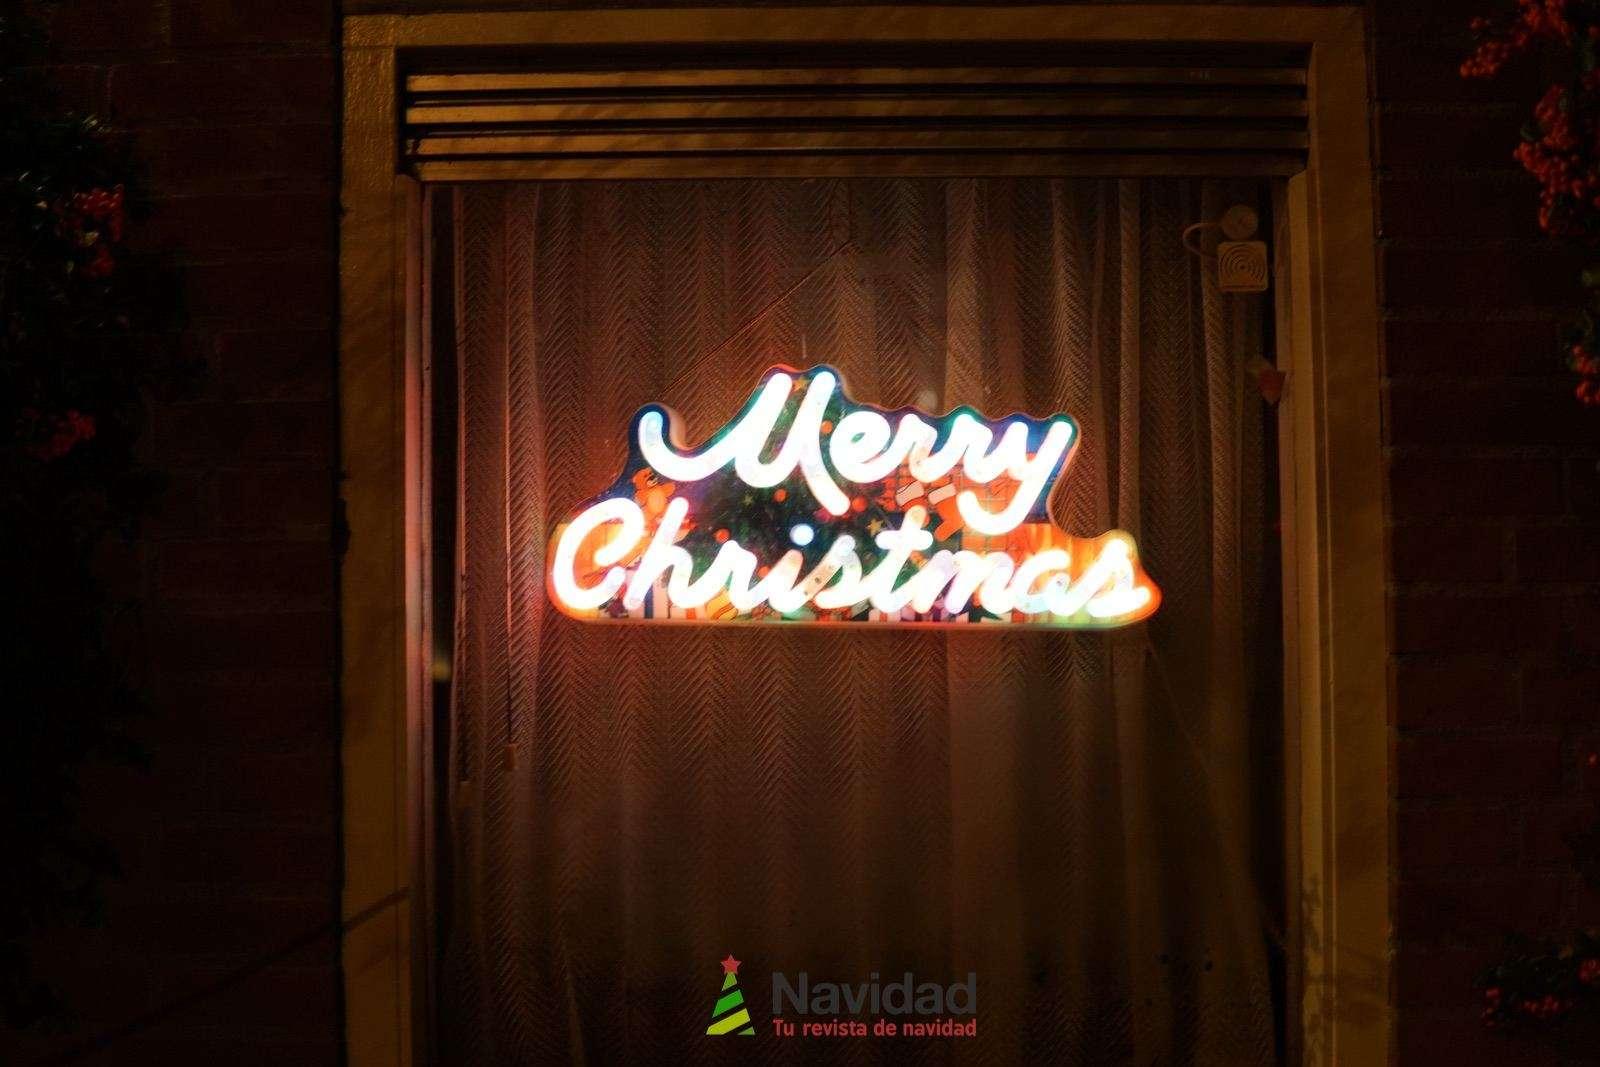 Chimeneas de Navidad para decorar y dar calor en fiestas 51